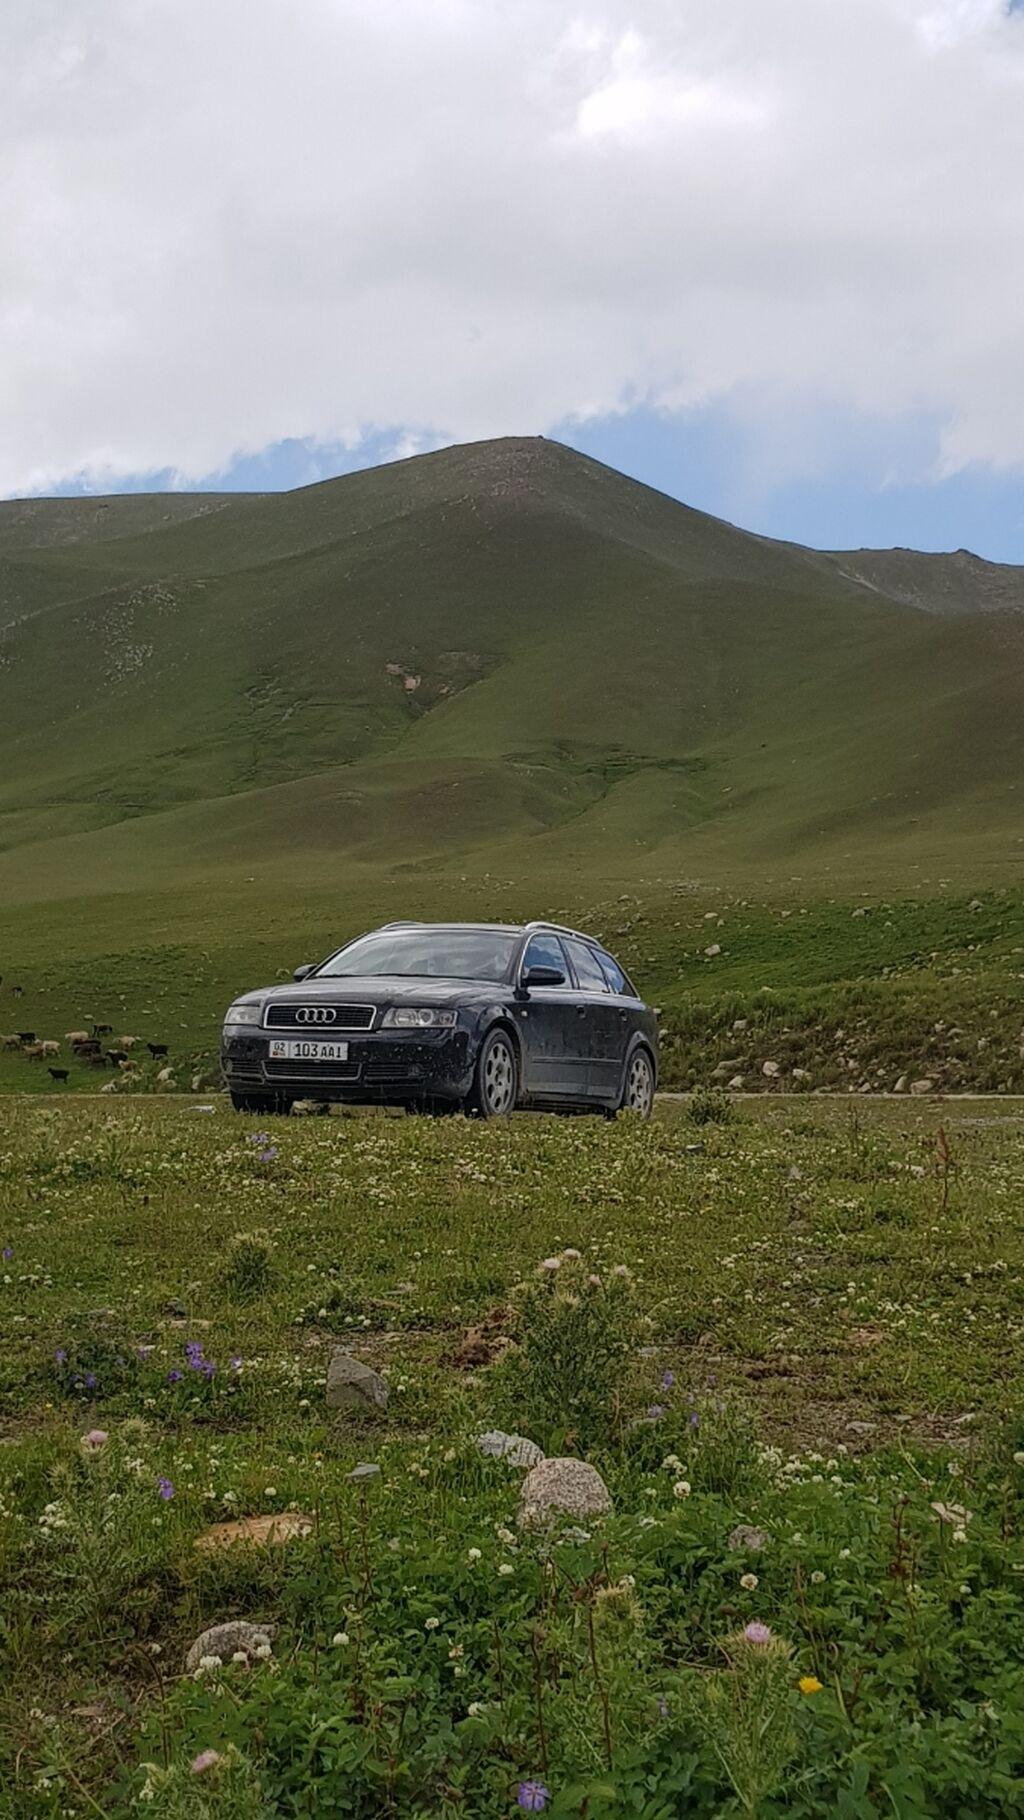 Audi A4 2.4 л. 2004 | 265000 км: Audi A4 2.4 л. 2004 | 265000 км